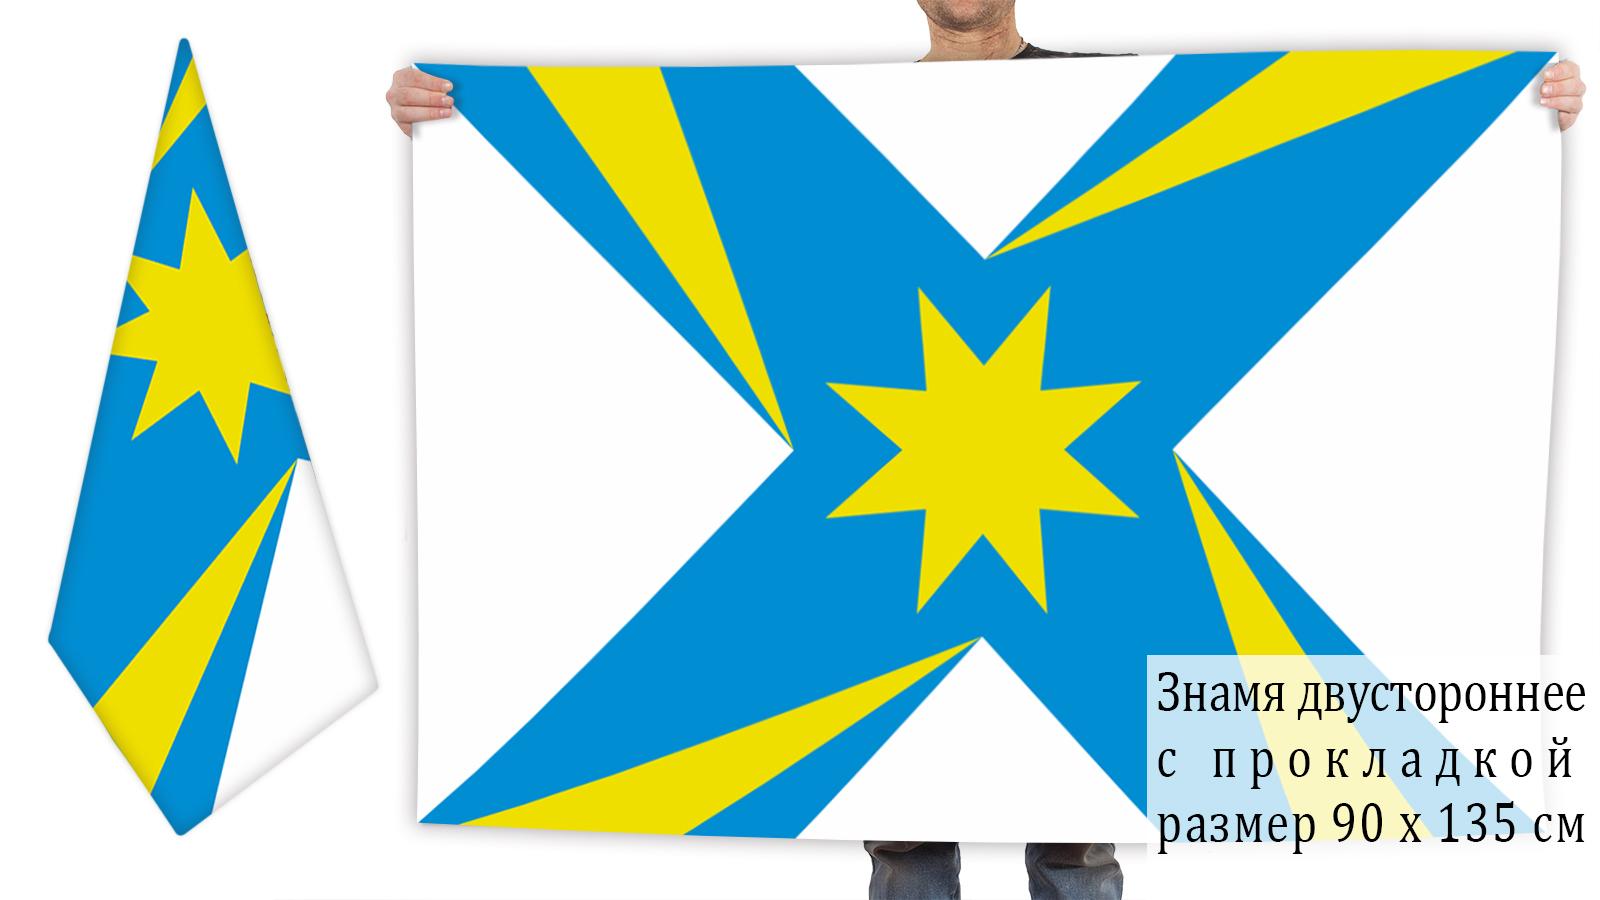 Двусторонний флаг Андреевки